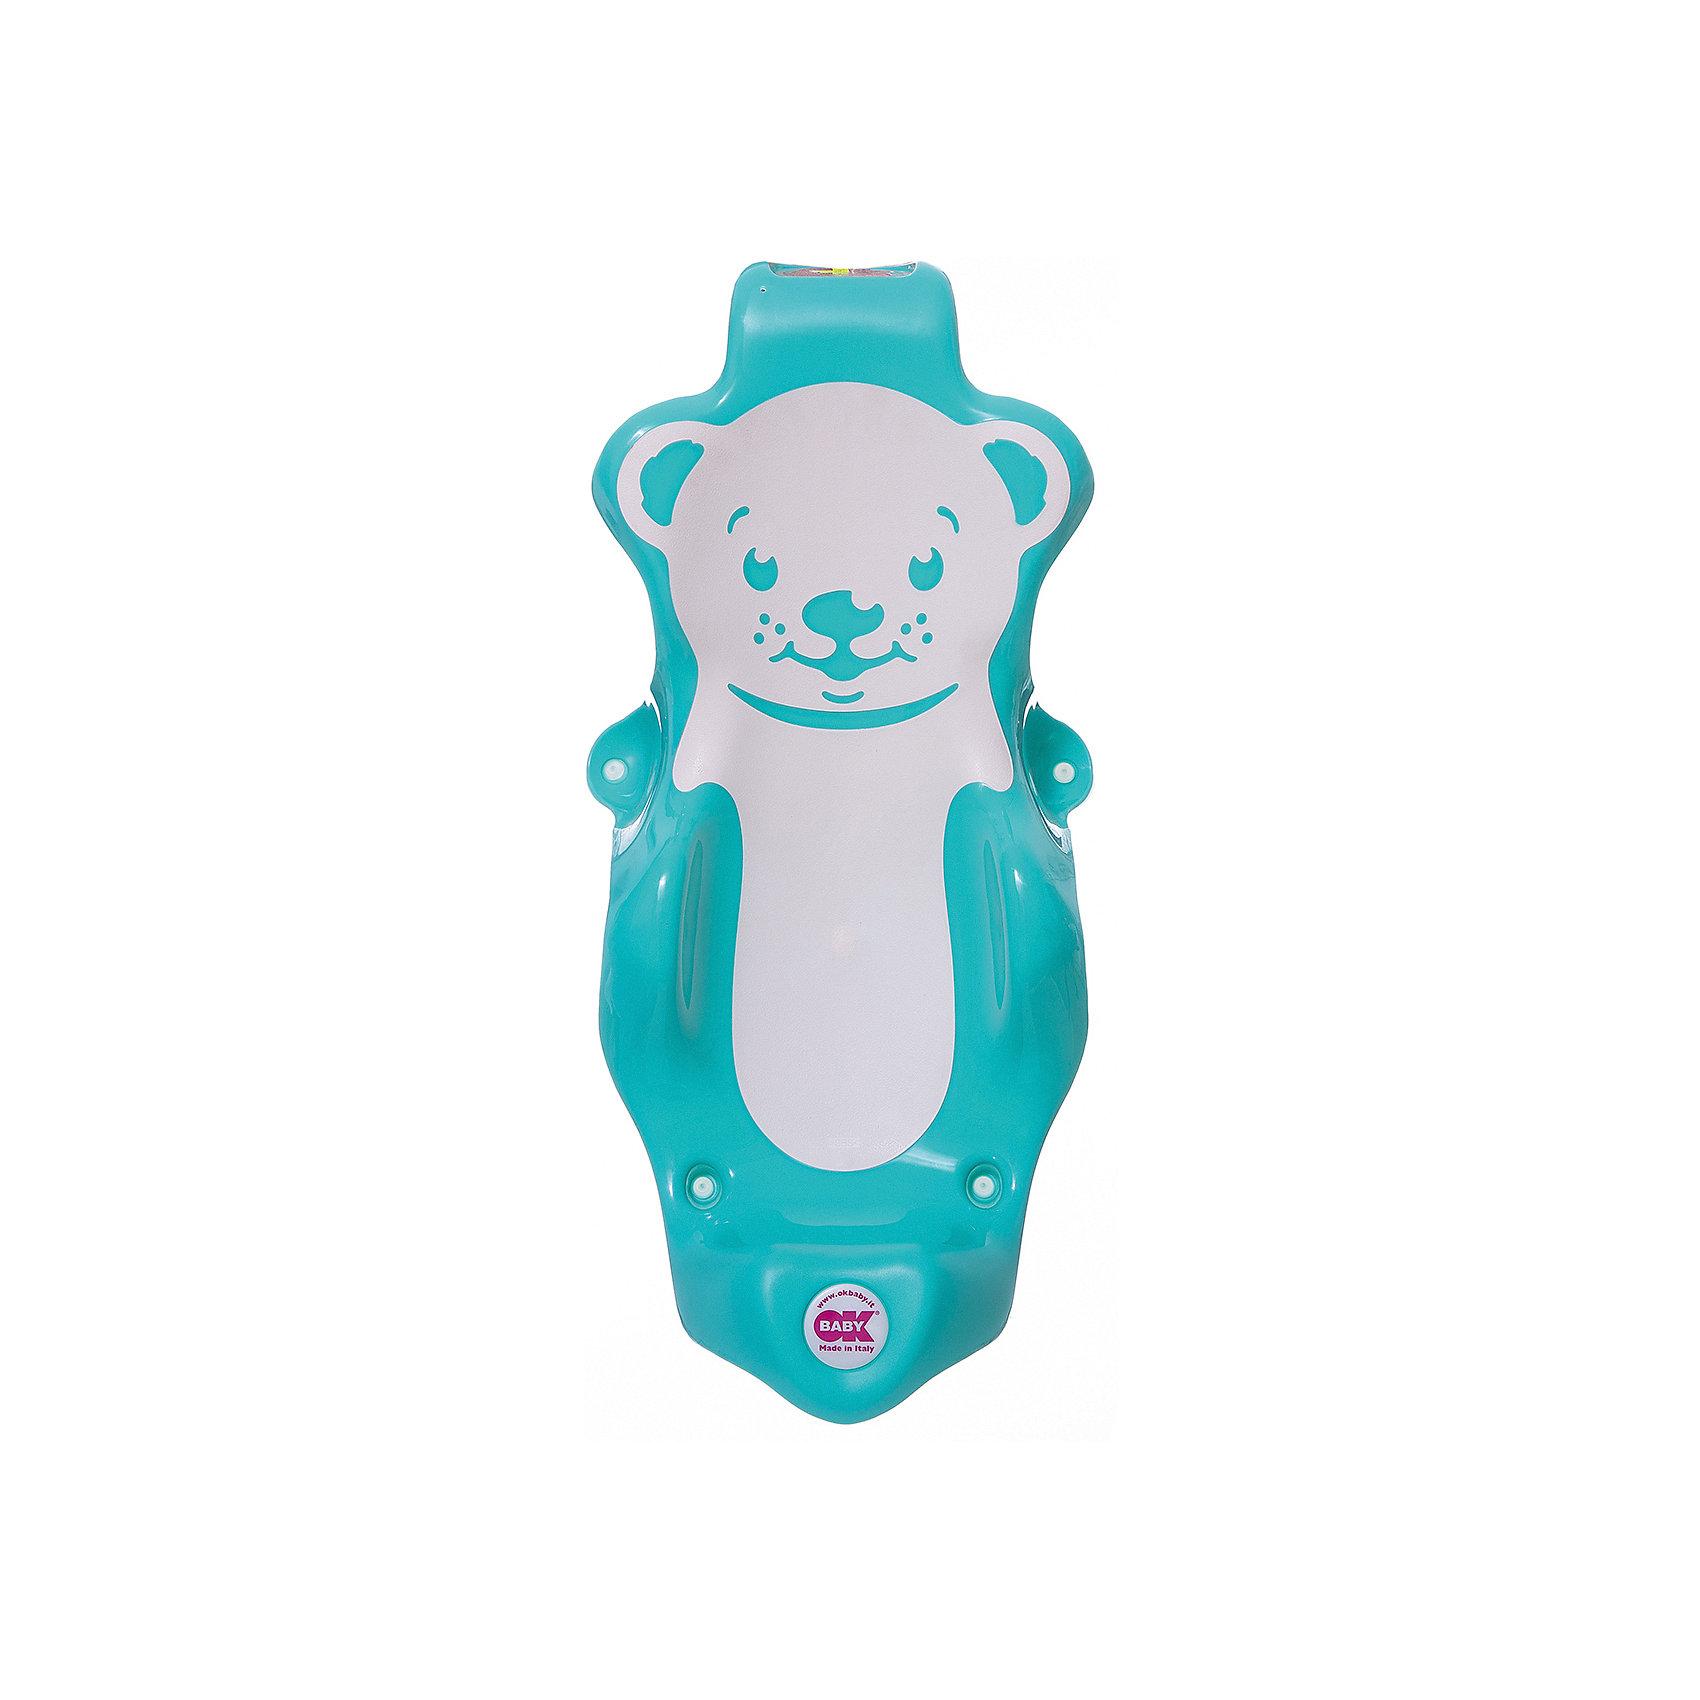 Горка для купания Buddy, Ok Baby, бирюзовыйТовары для купания<br>Удобная горка сделает купание безопасным, легким и очень приятным, обеспечив ребенку комфортное положение. Изделие прочно крепится с помощью присосок имеет три опорные точки и поверхность из нескользящего материала. Горка изготовлена из высококачественного прочного пластика безопасного для детей.  <br><br>Дополнительная информация:<br><br>- Материал: пластик.<br>- Размер: 28x25x64 см.<br>- Цвет: бирюзовый.<br>- Крепится с помощью присосок. <br><br>Горку для купания Buddy, OK BABY, бирюзовую , можно купить в нашем магазине.<br><br>Ширина мм: 630<br>Глубина мм: 310<br>Высота мм: 250<br>Вес г: 1083<br>Возраст от месяцев: 0<br>Возраст до месяцев: 8<br>Пол: Унисекс<br>Возраст: Детский<br>SKU: 4089122